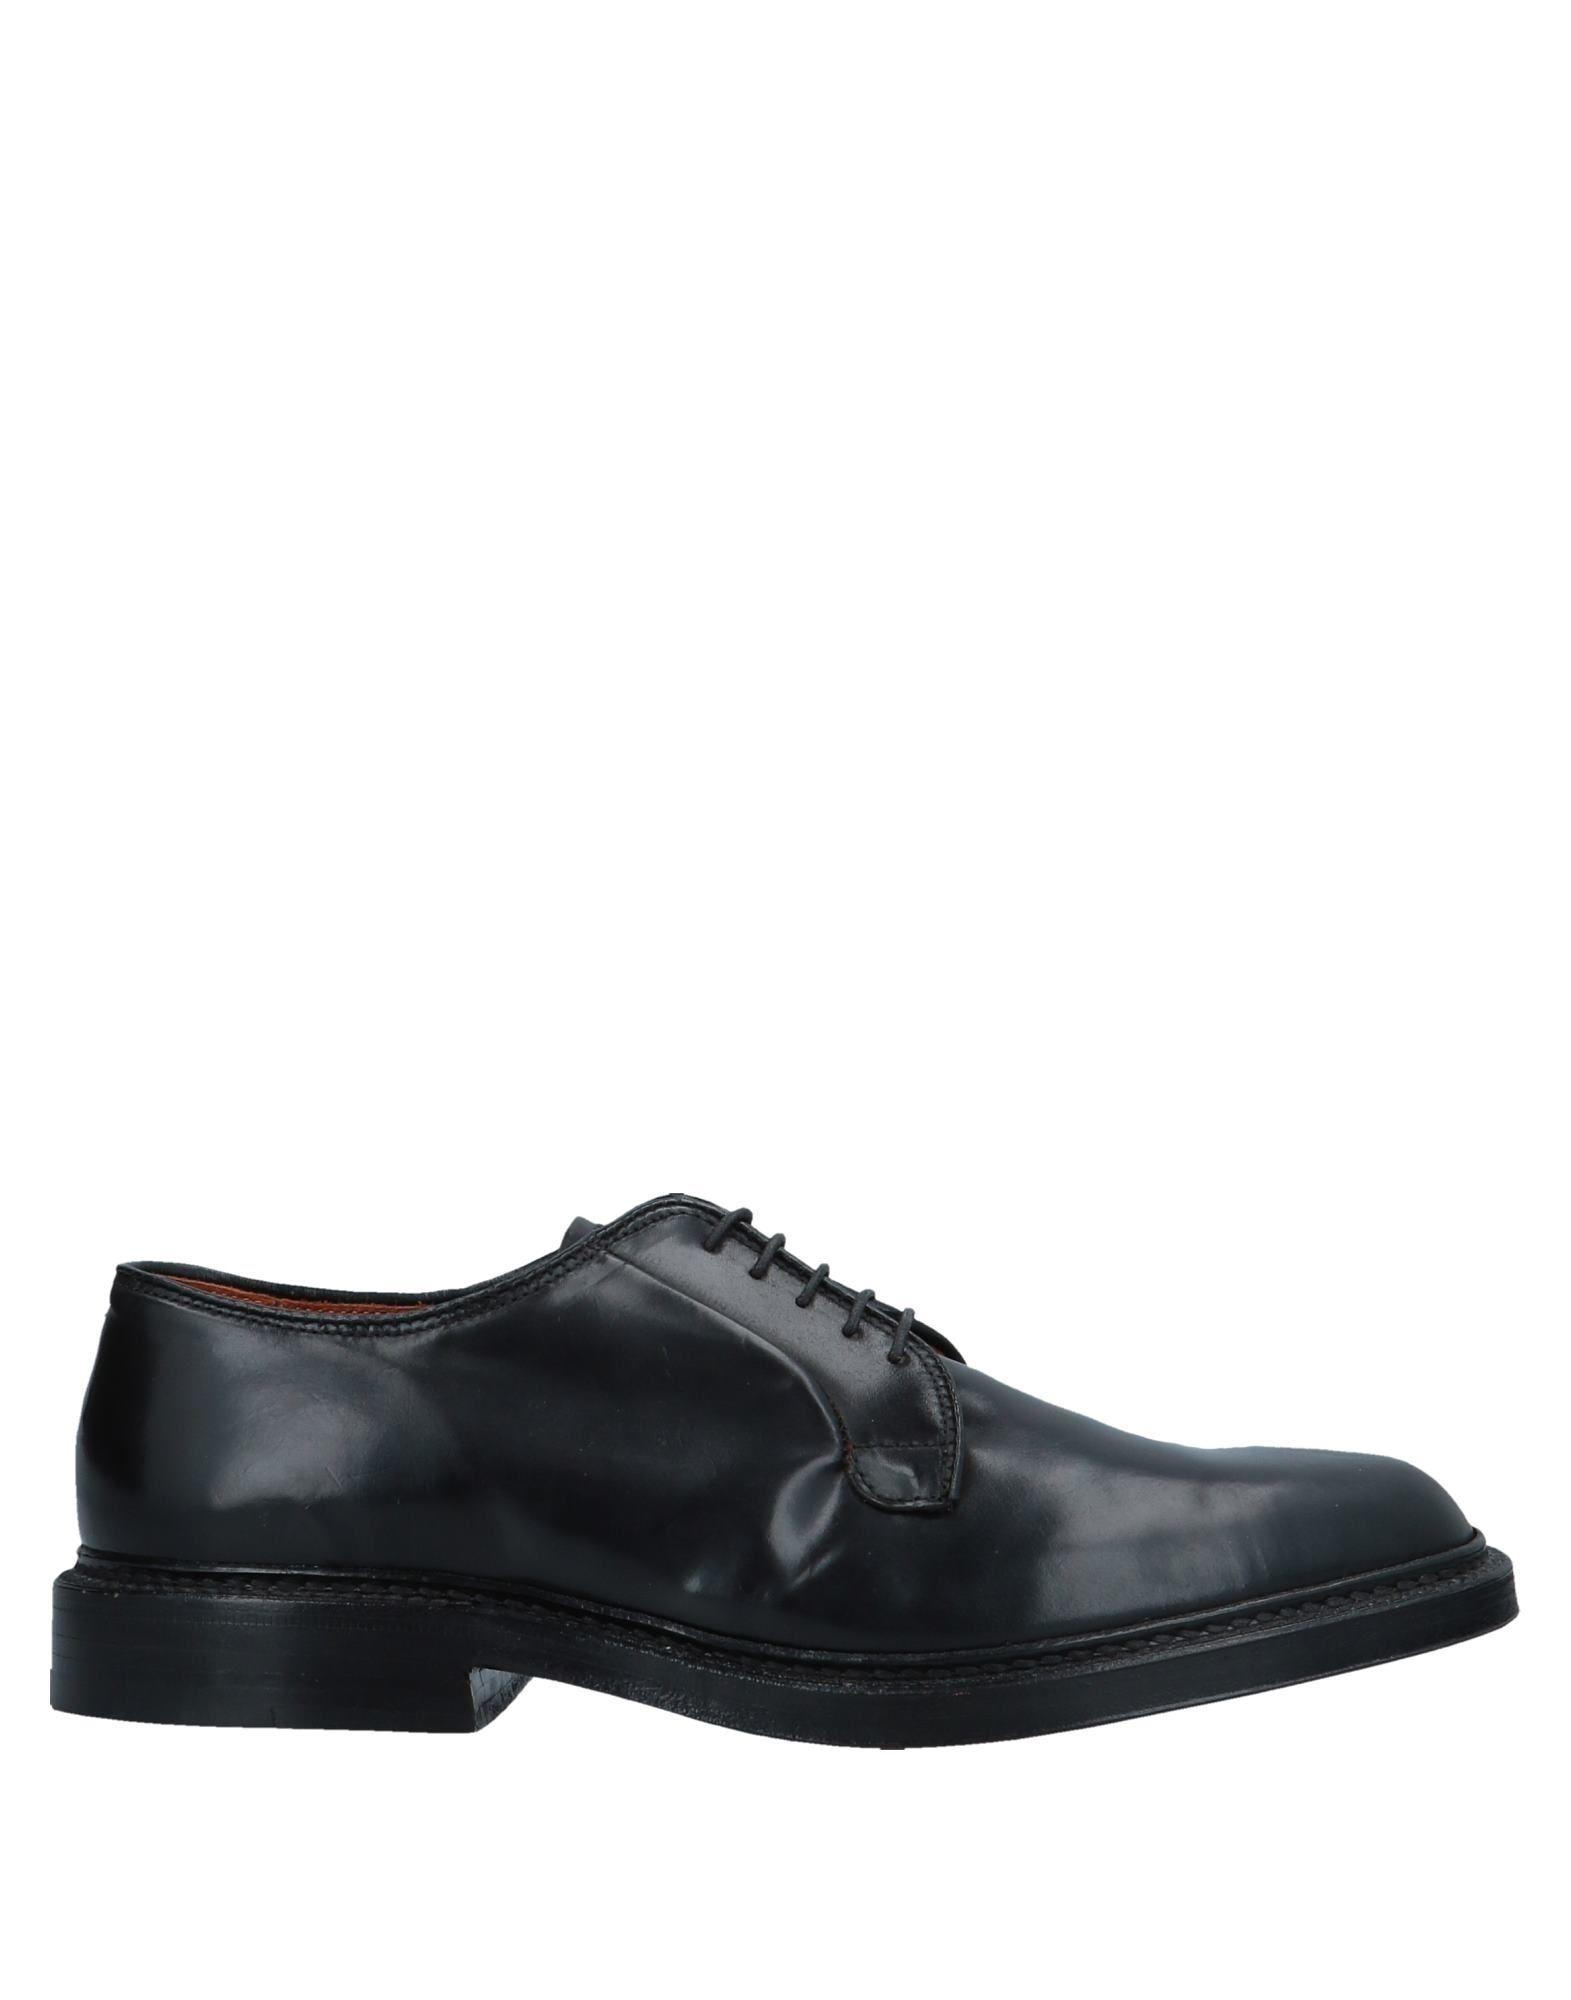 Alden 11554991WL Schnürschuhe Herren  11554991WL Alden Gute Qualität beliebte Schuhe 7b95fb